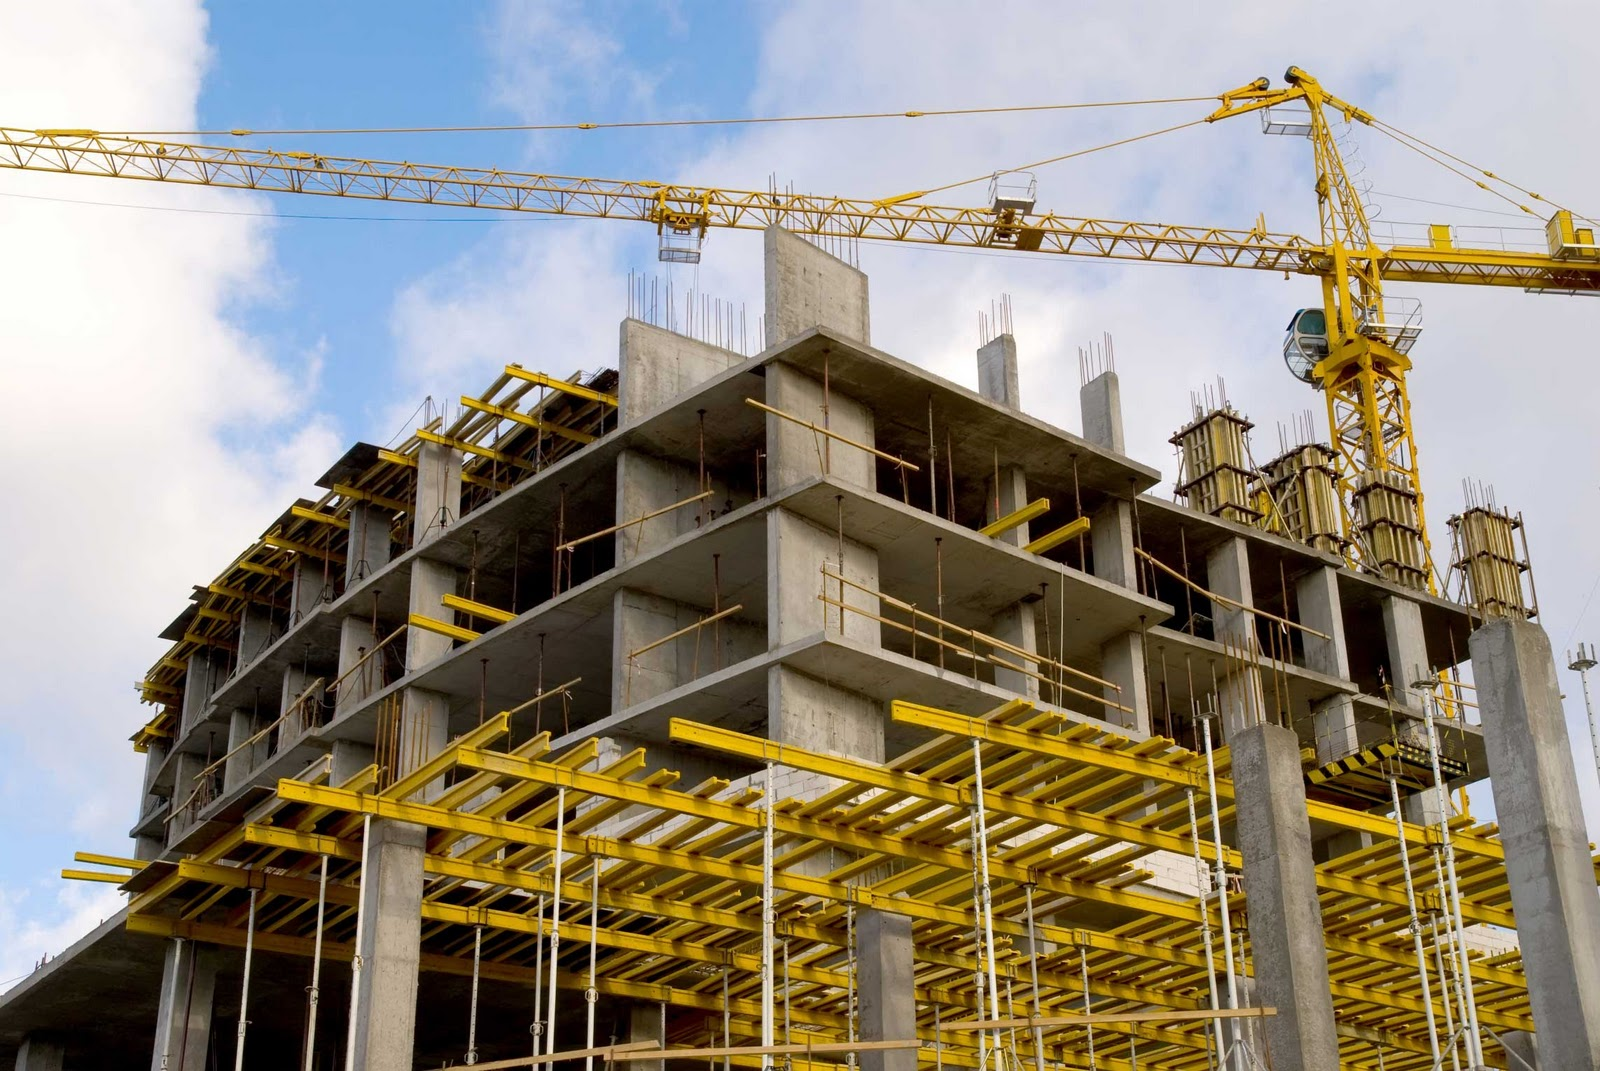 Les previsions apunten a un creixement del sector de la construcció del 3'2% al 2017